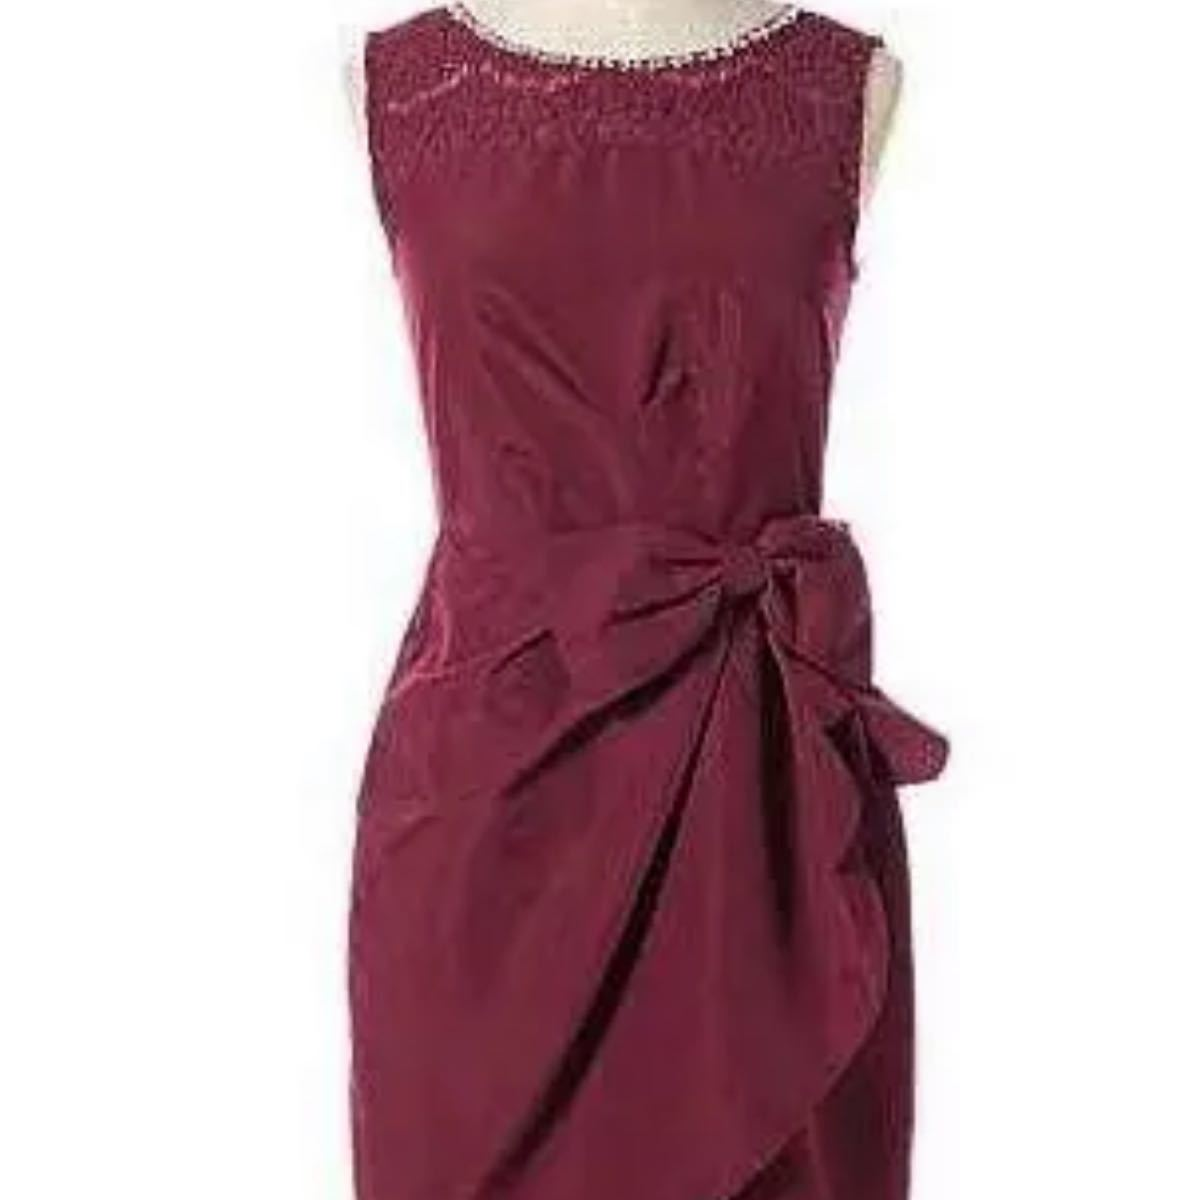 パーティードレス結婚式ワンピースキャバドレスとしても試着のみSサイズワインレッド